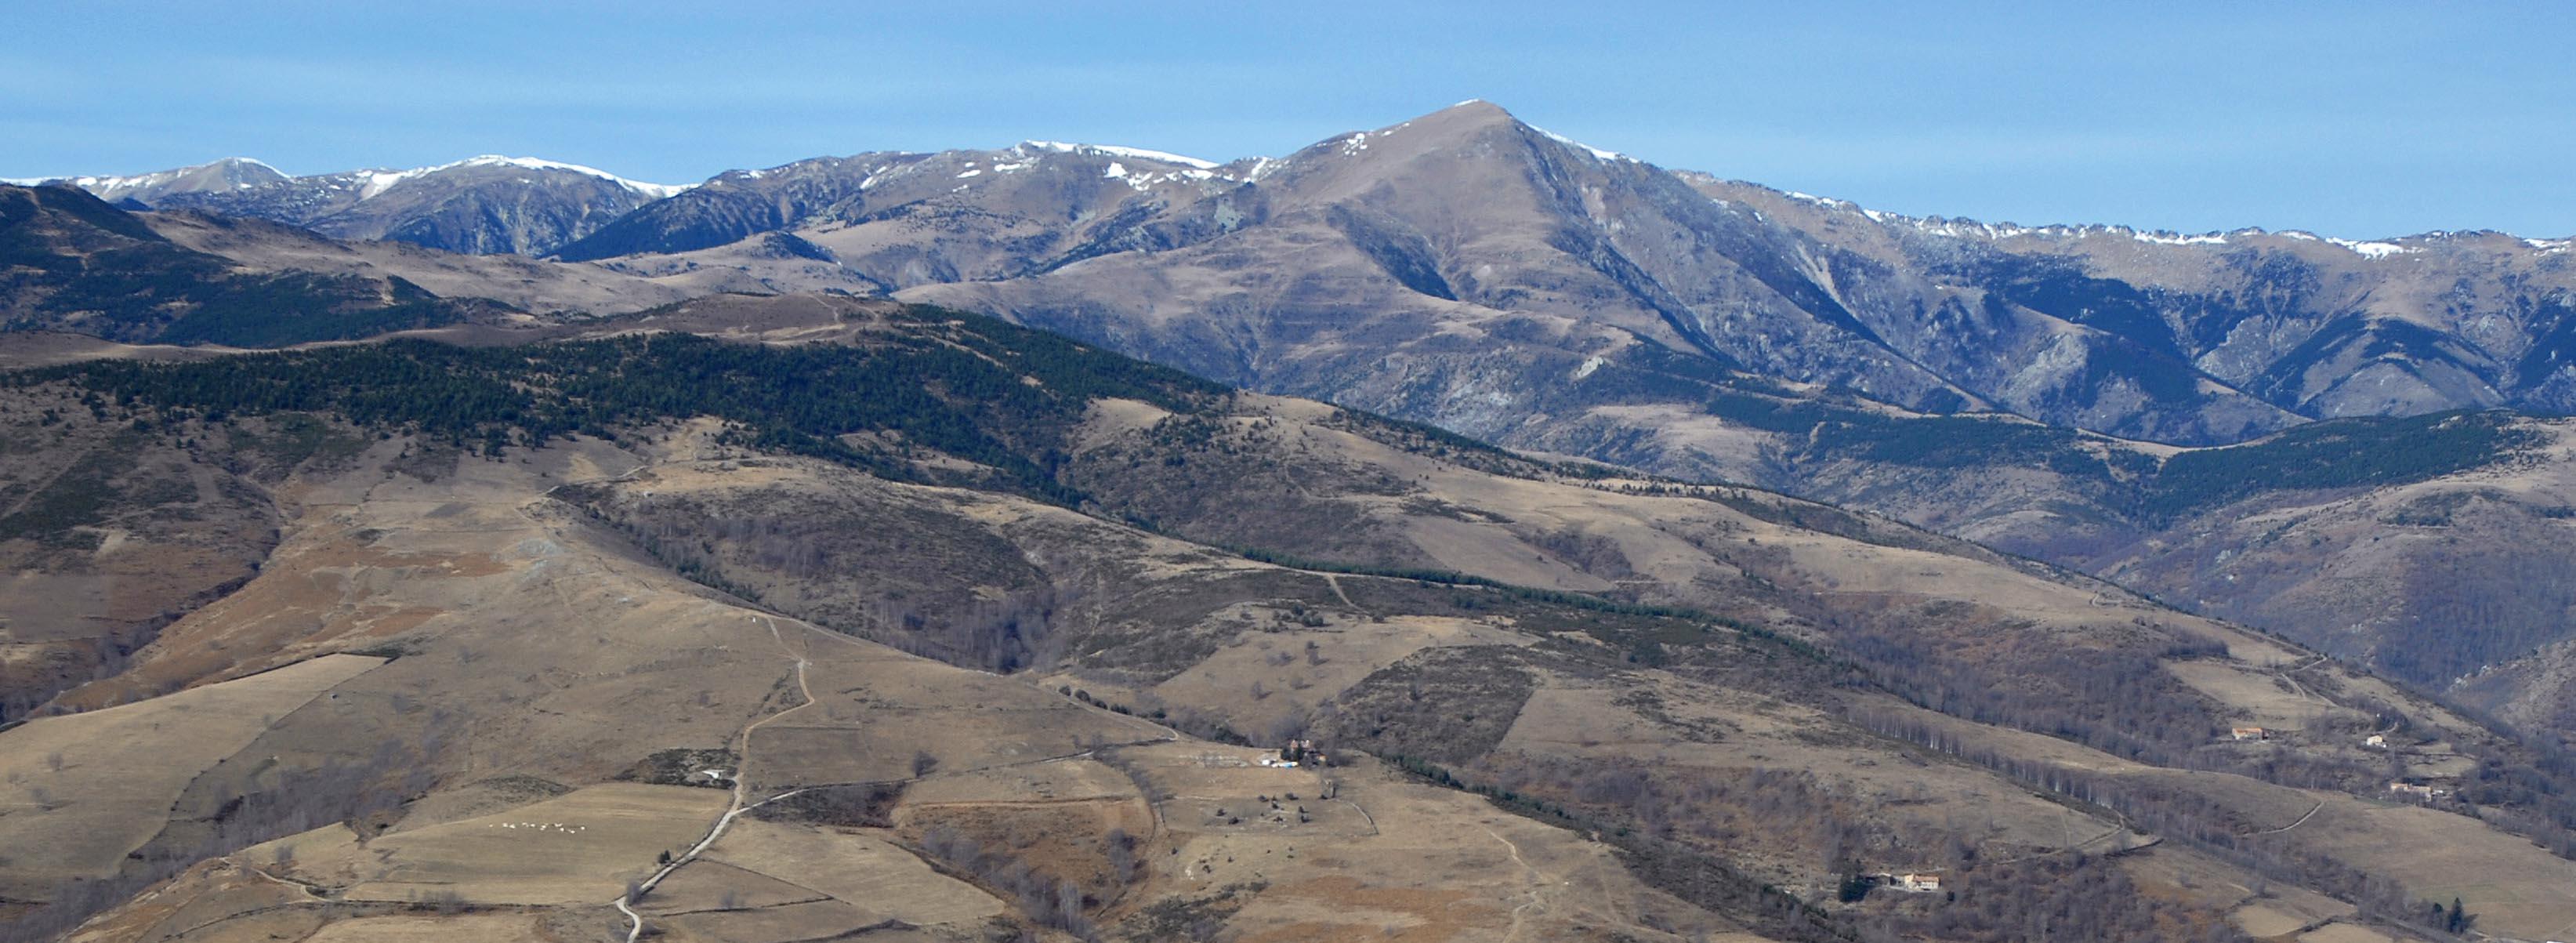 L'experiència dels Pirineus més autèntics